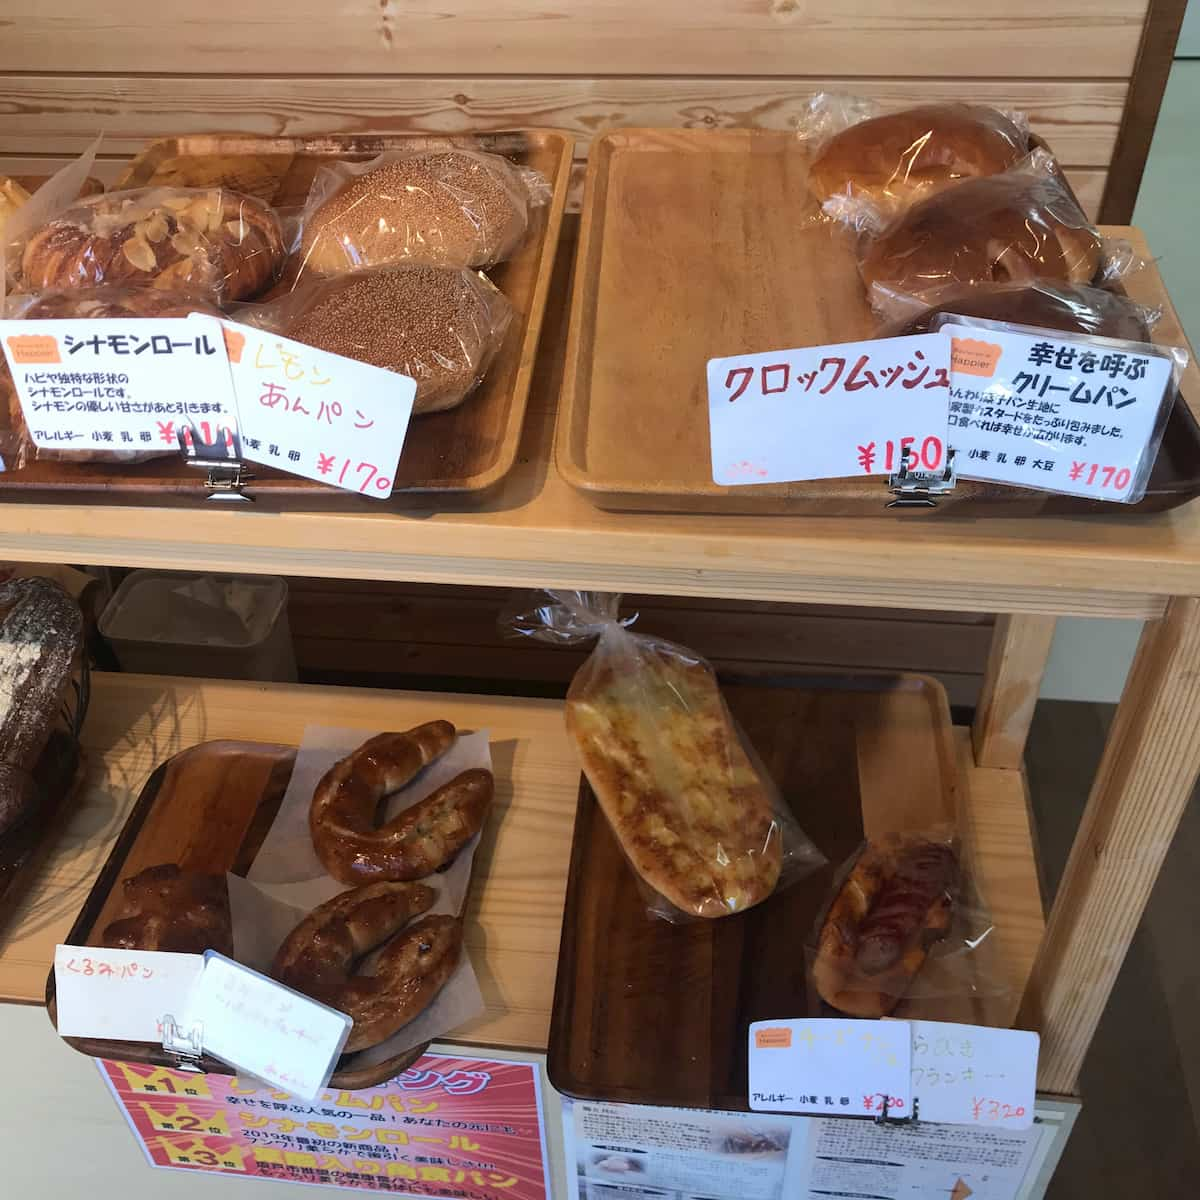 陳列されたハピヤのパン